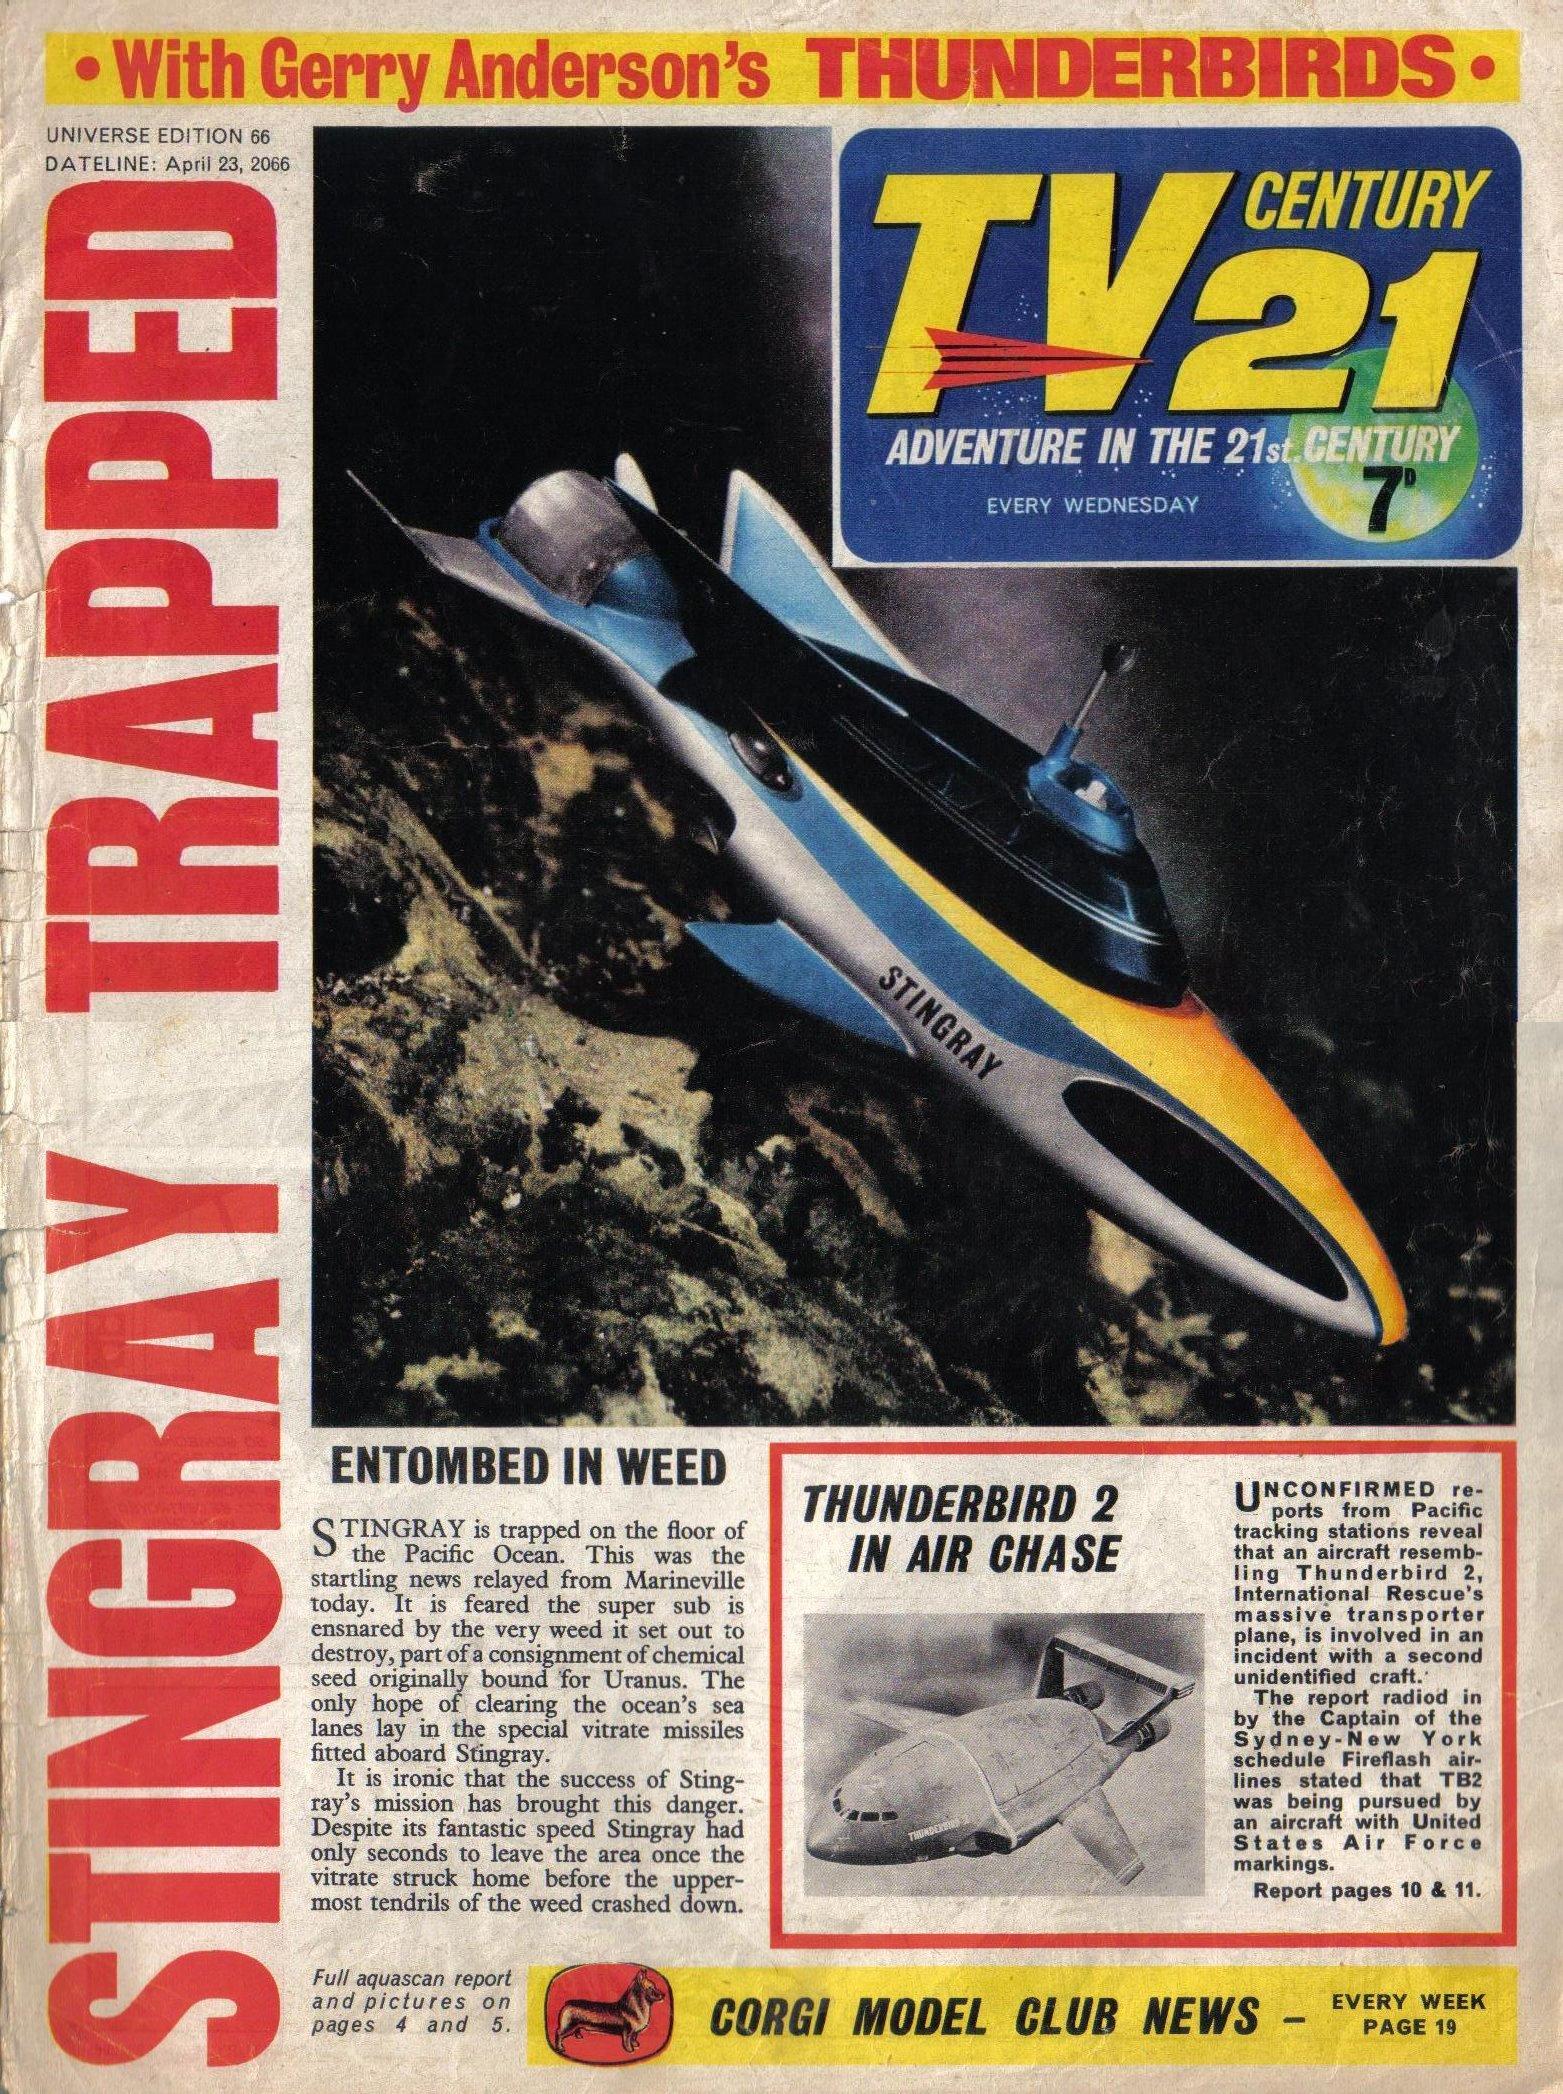 TV Century 21 (TV 21) 66 Page 1